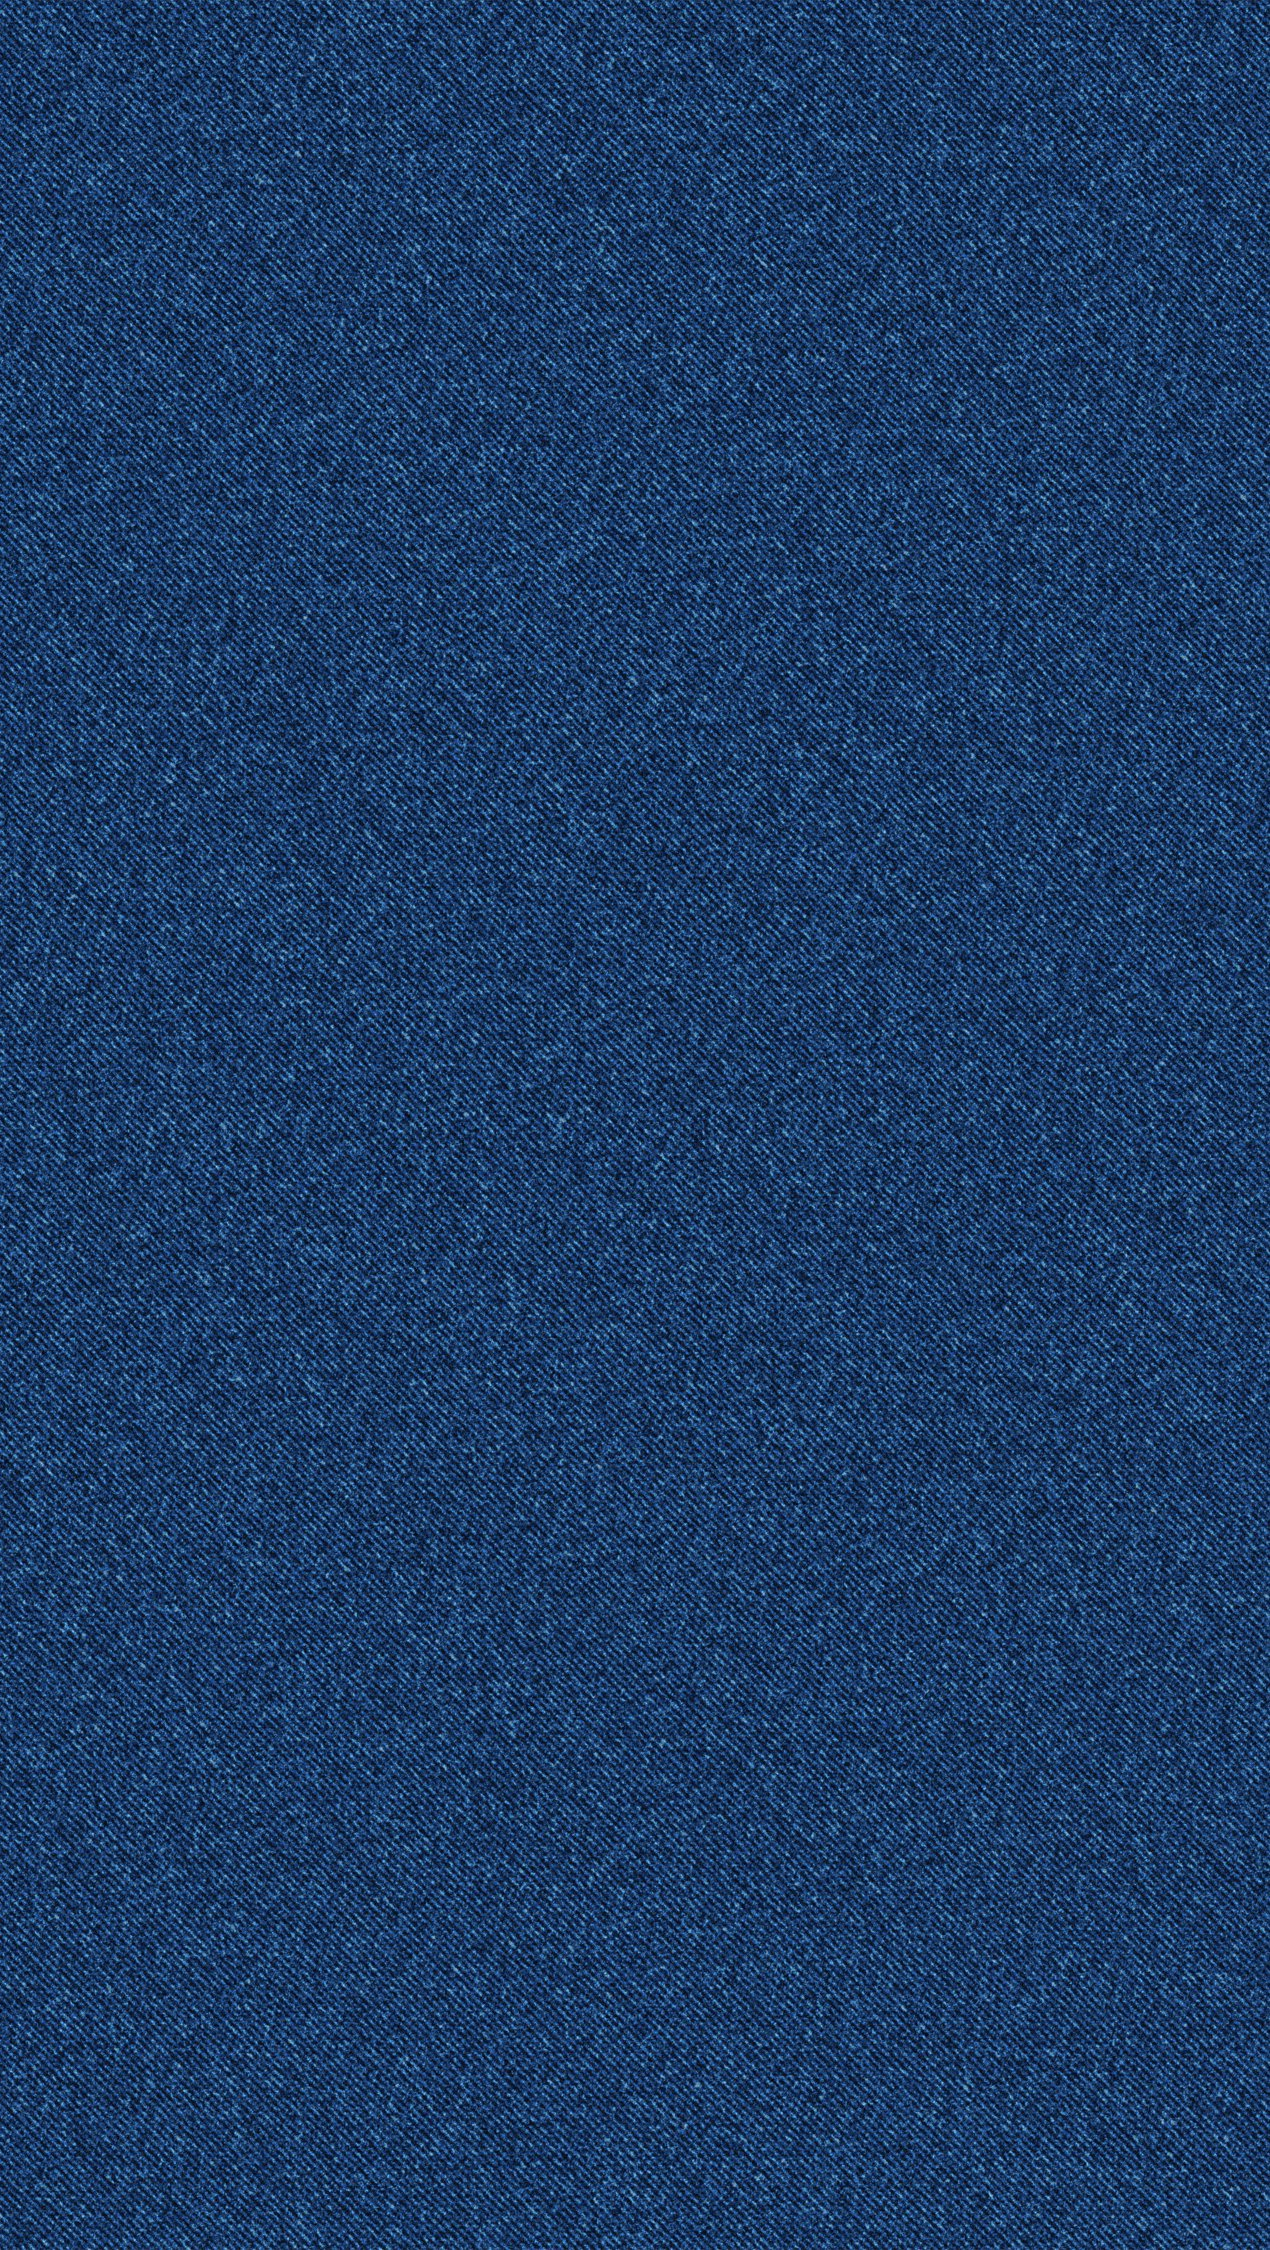 Wallpaper Denim Texture Vertical